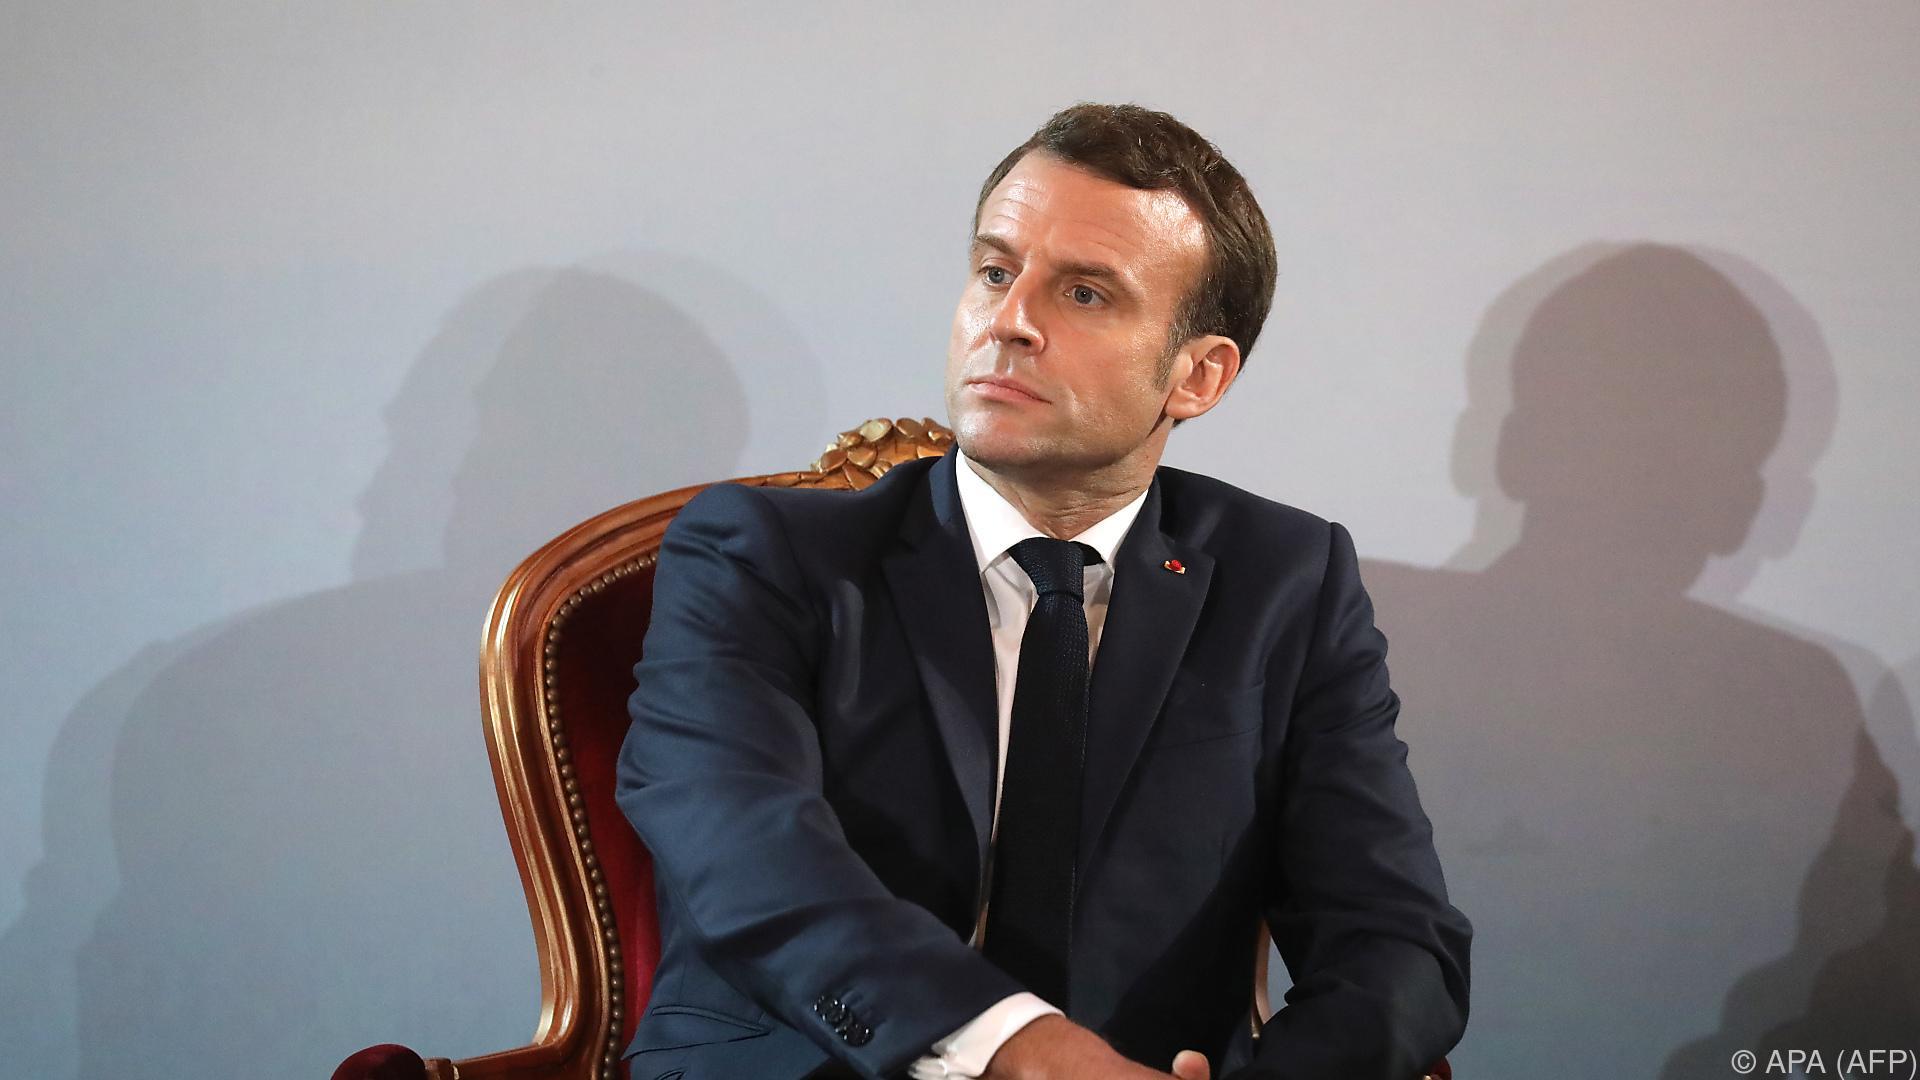 Demonstranten wollten Macron bei privatem Theaterbesuch stören